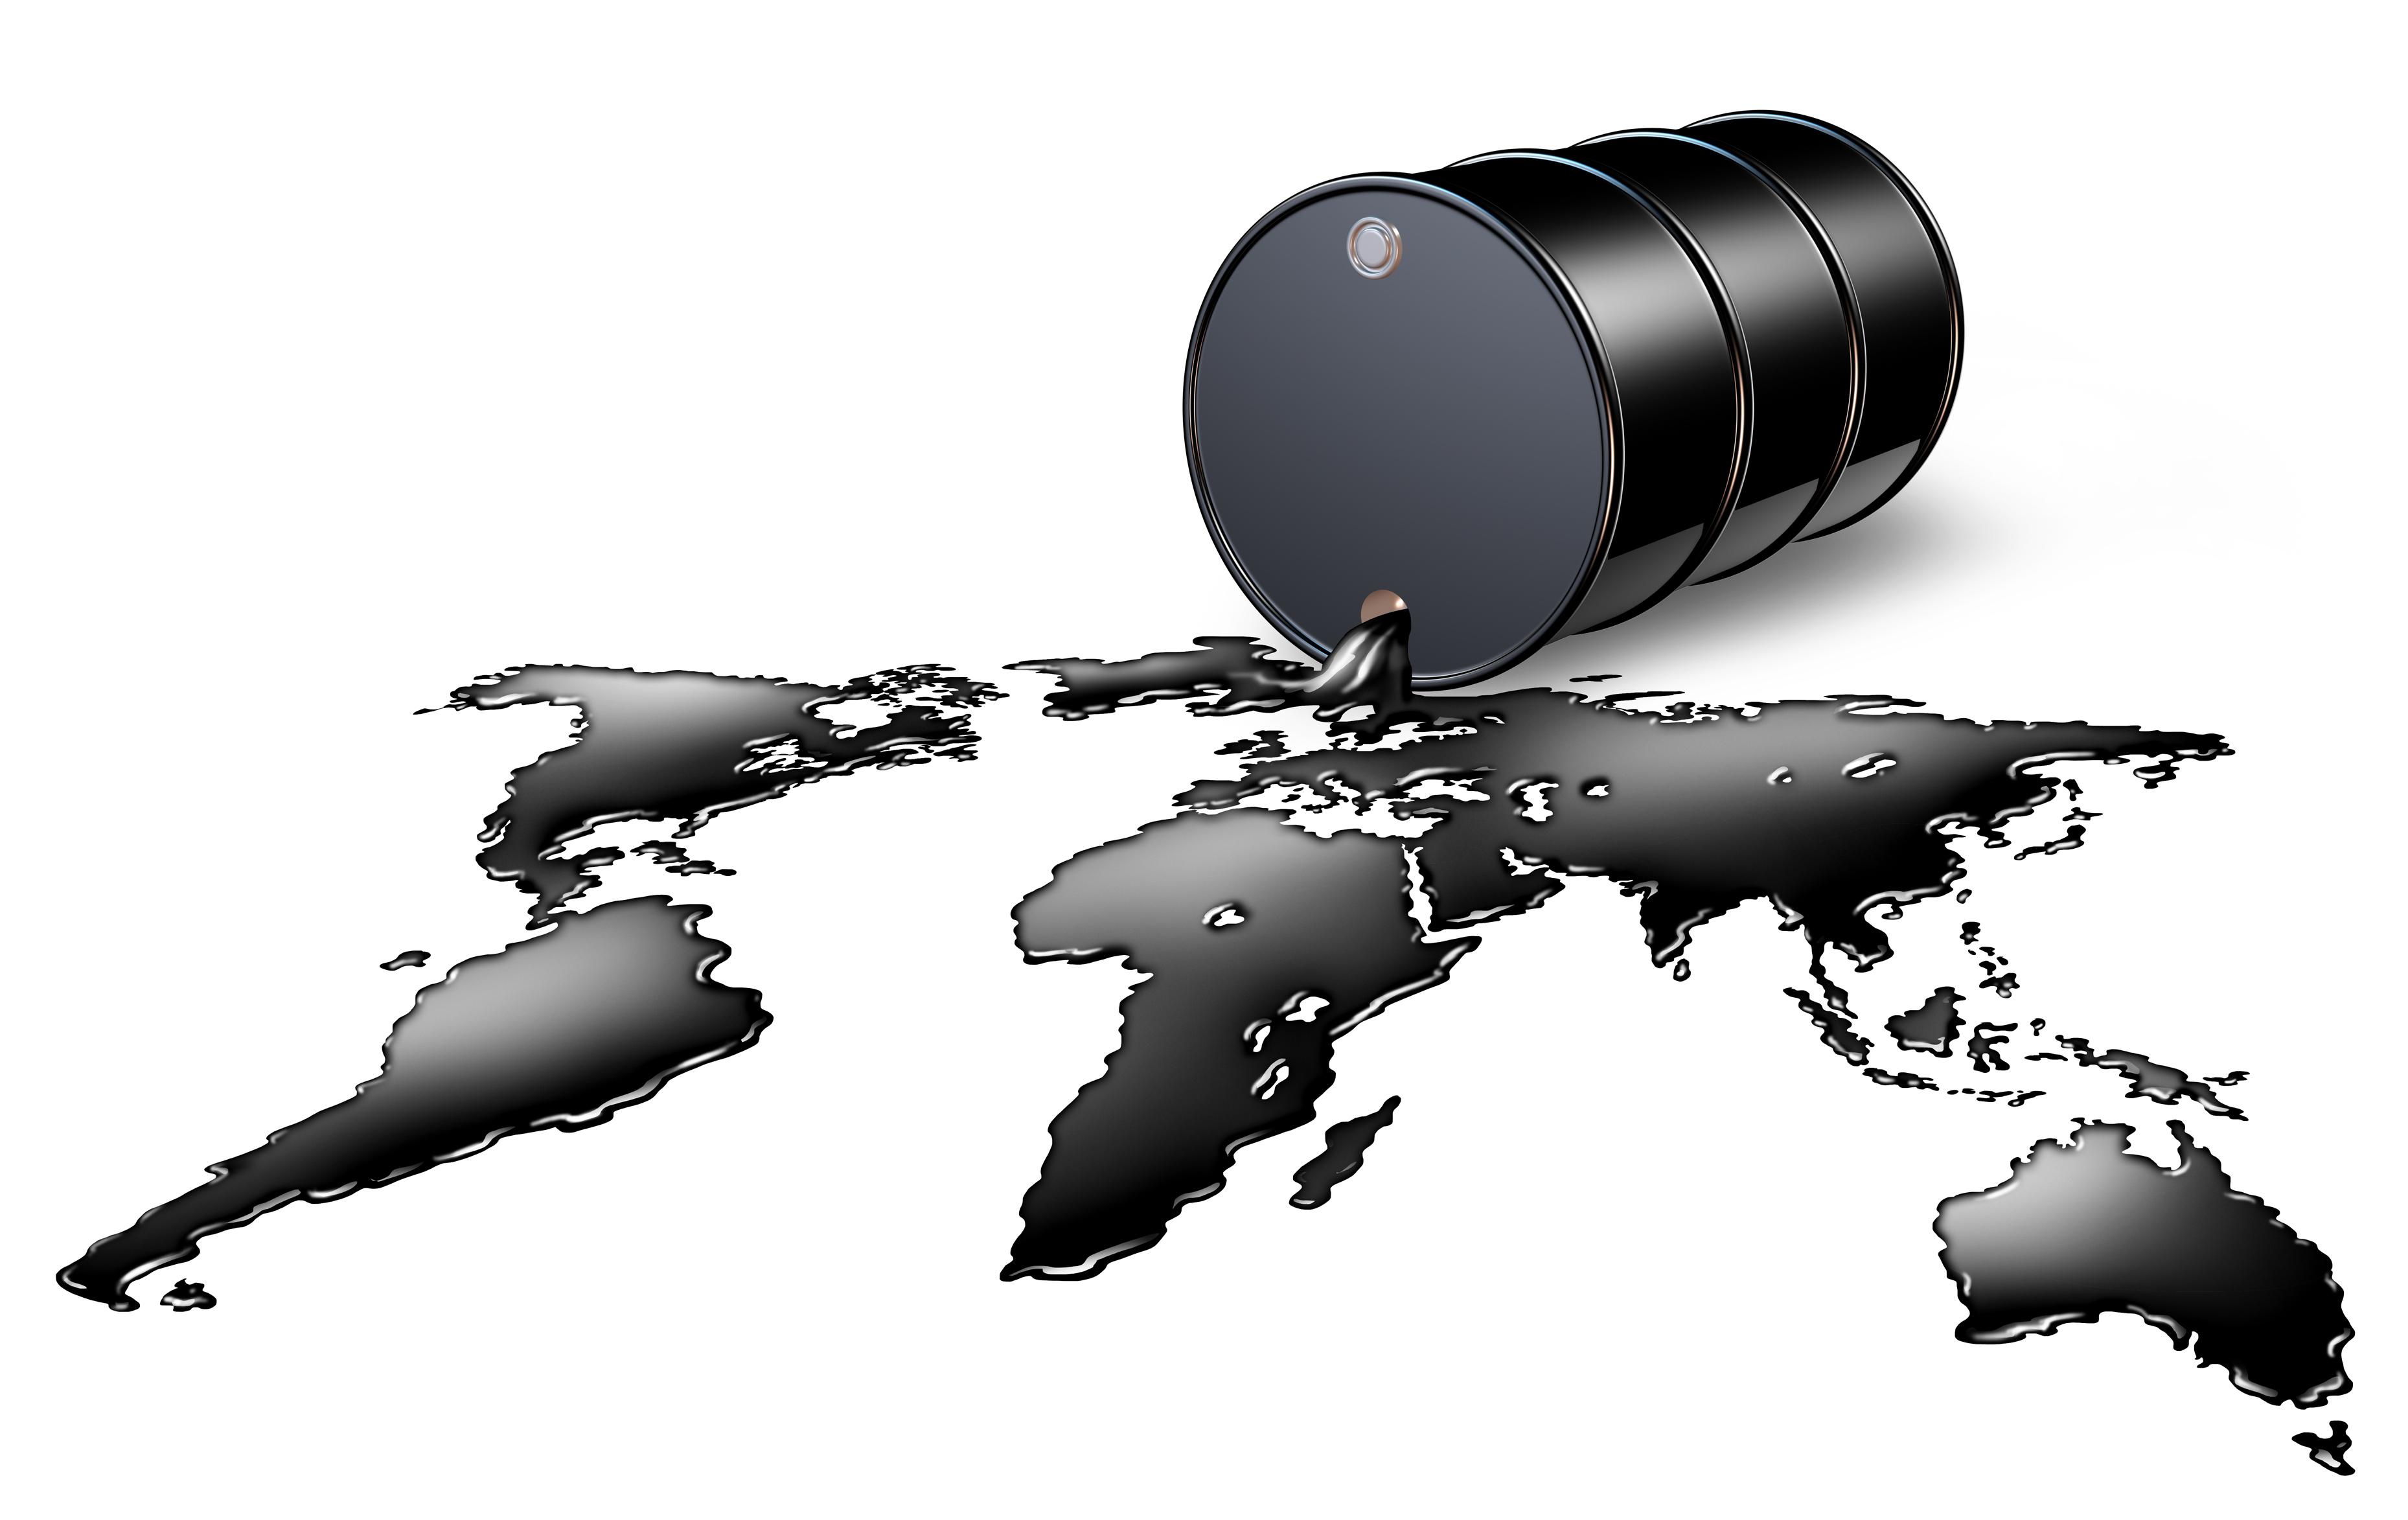 باشگاه خبرنگاران -بازار نفت در سال آینده به توازن خواهد رسید